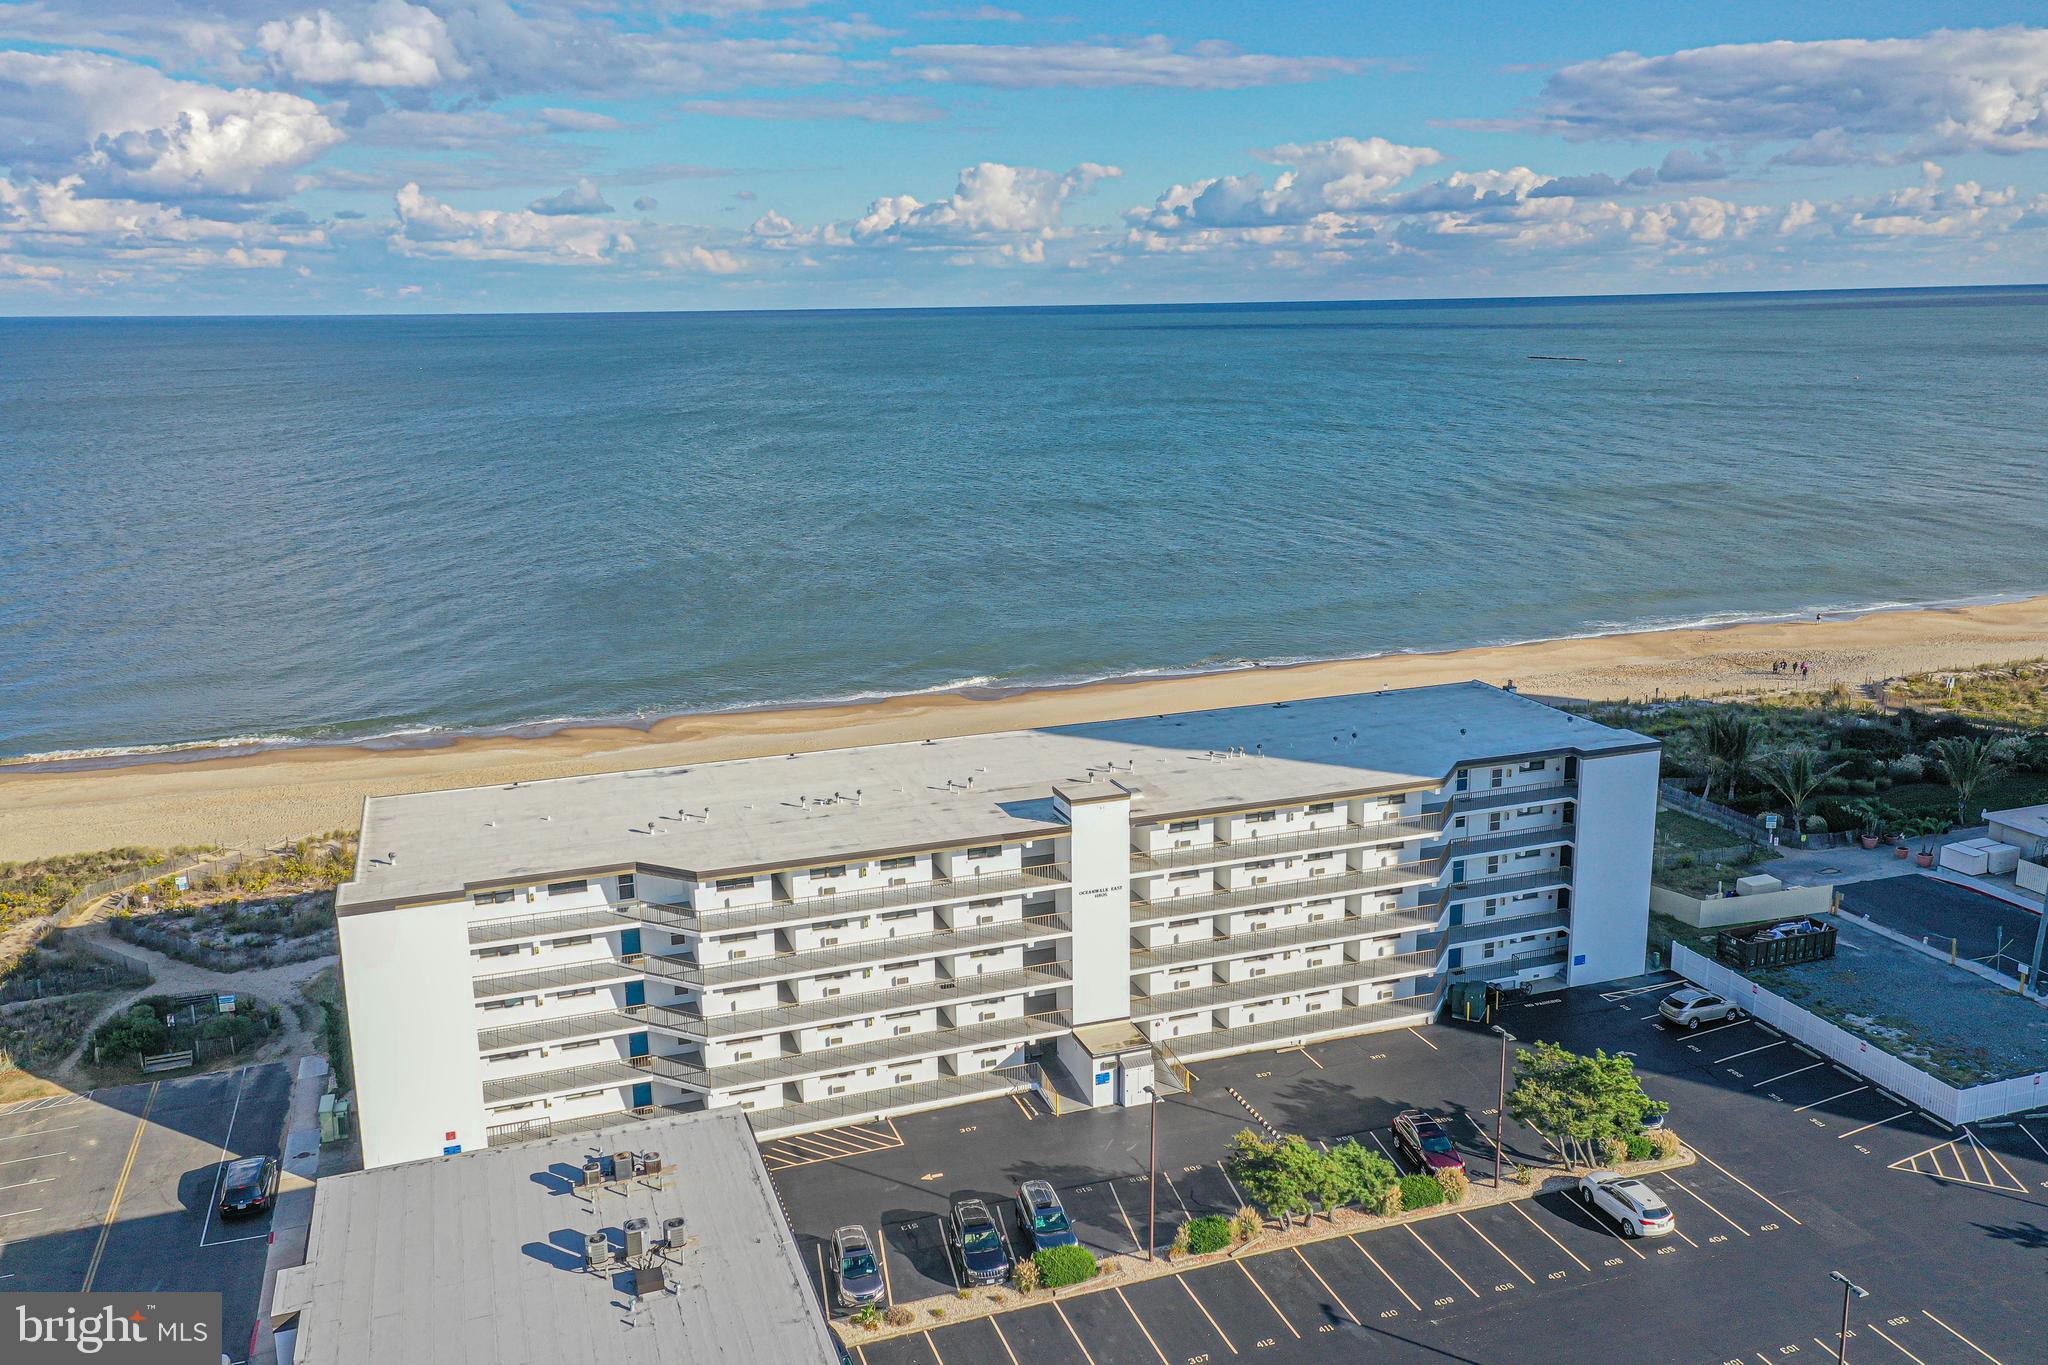 11805 Wight Street 101E, Ocean City, MD 21842